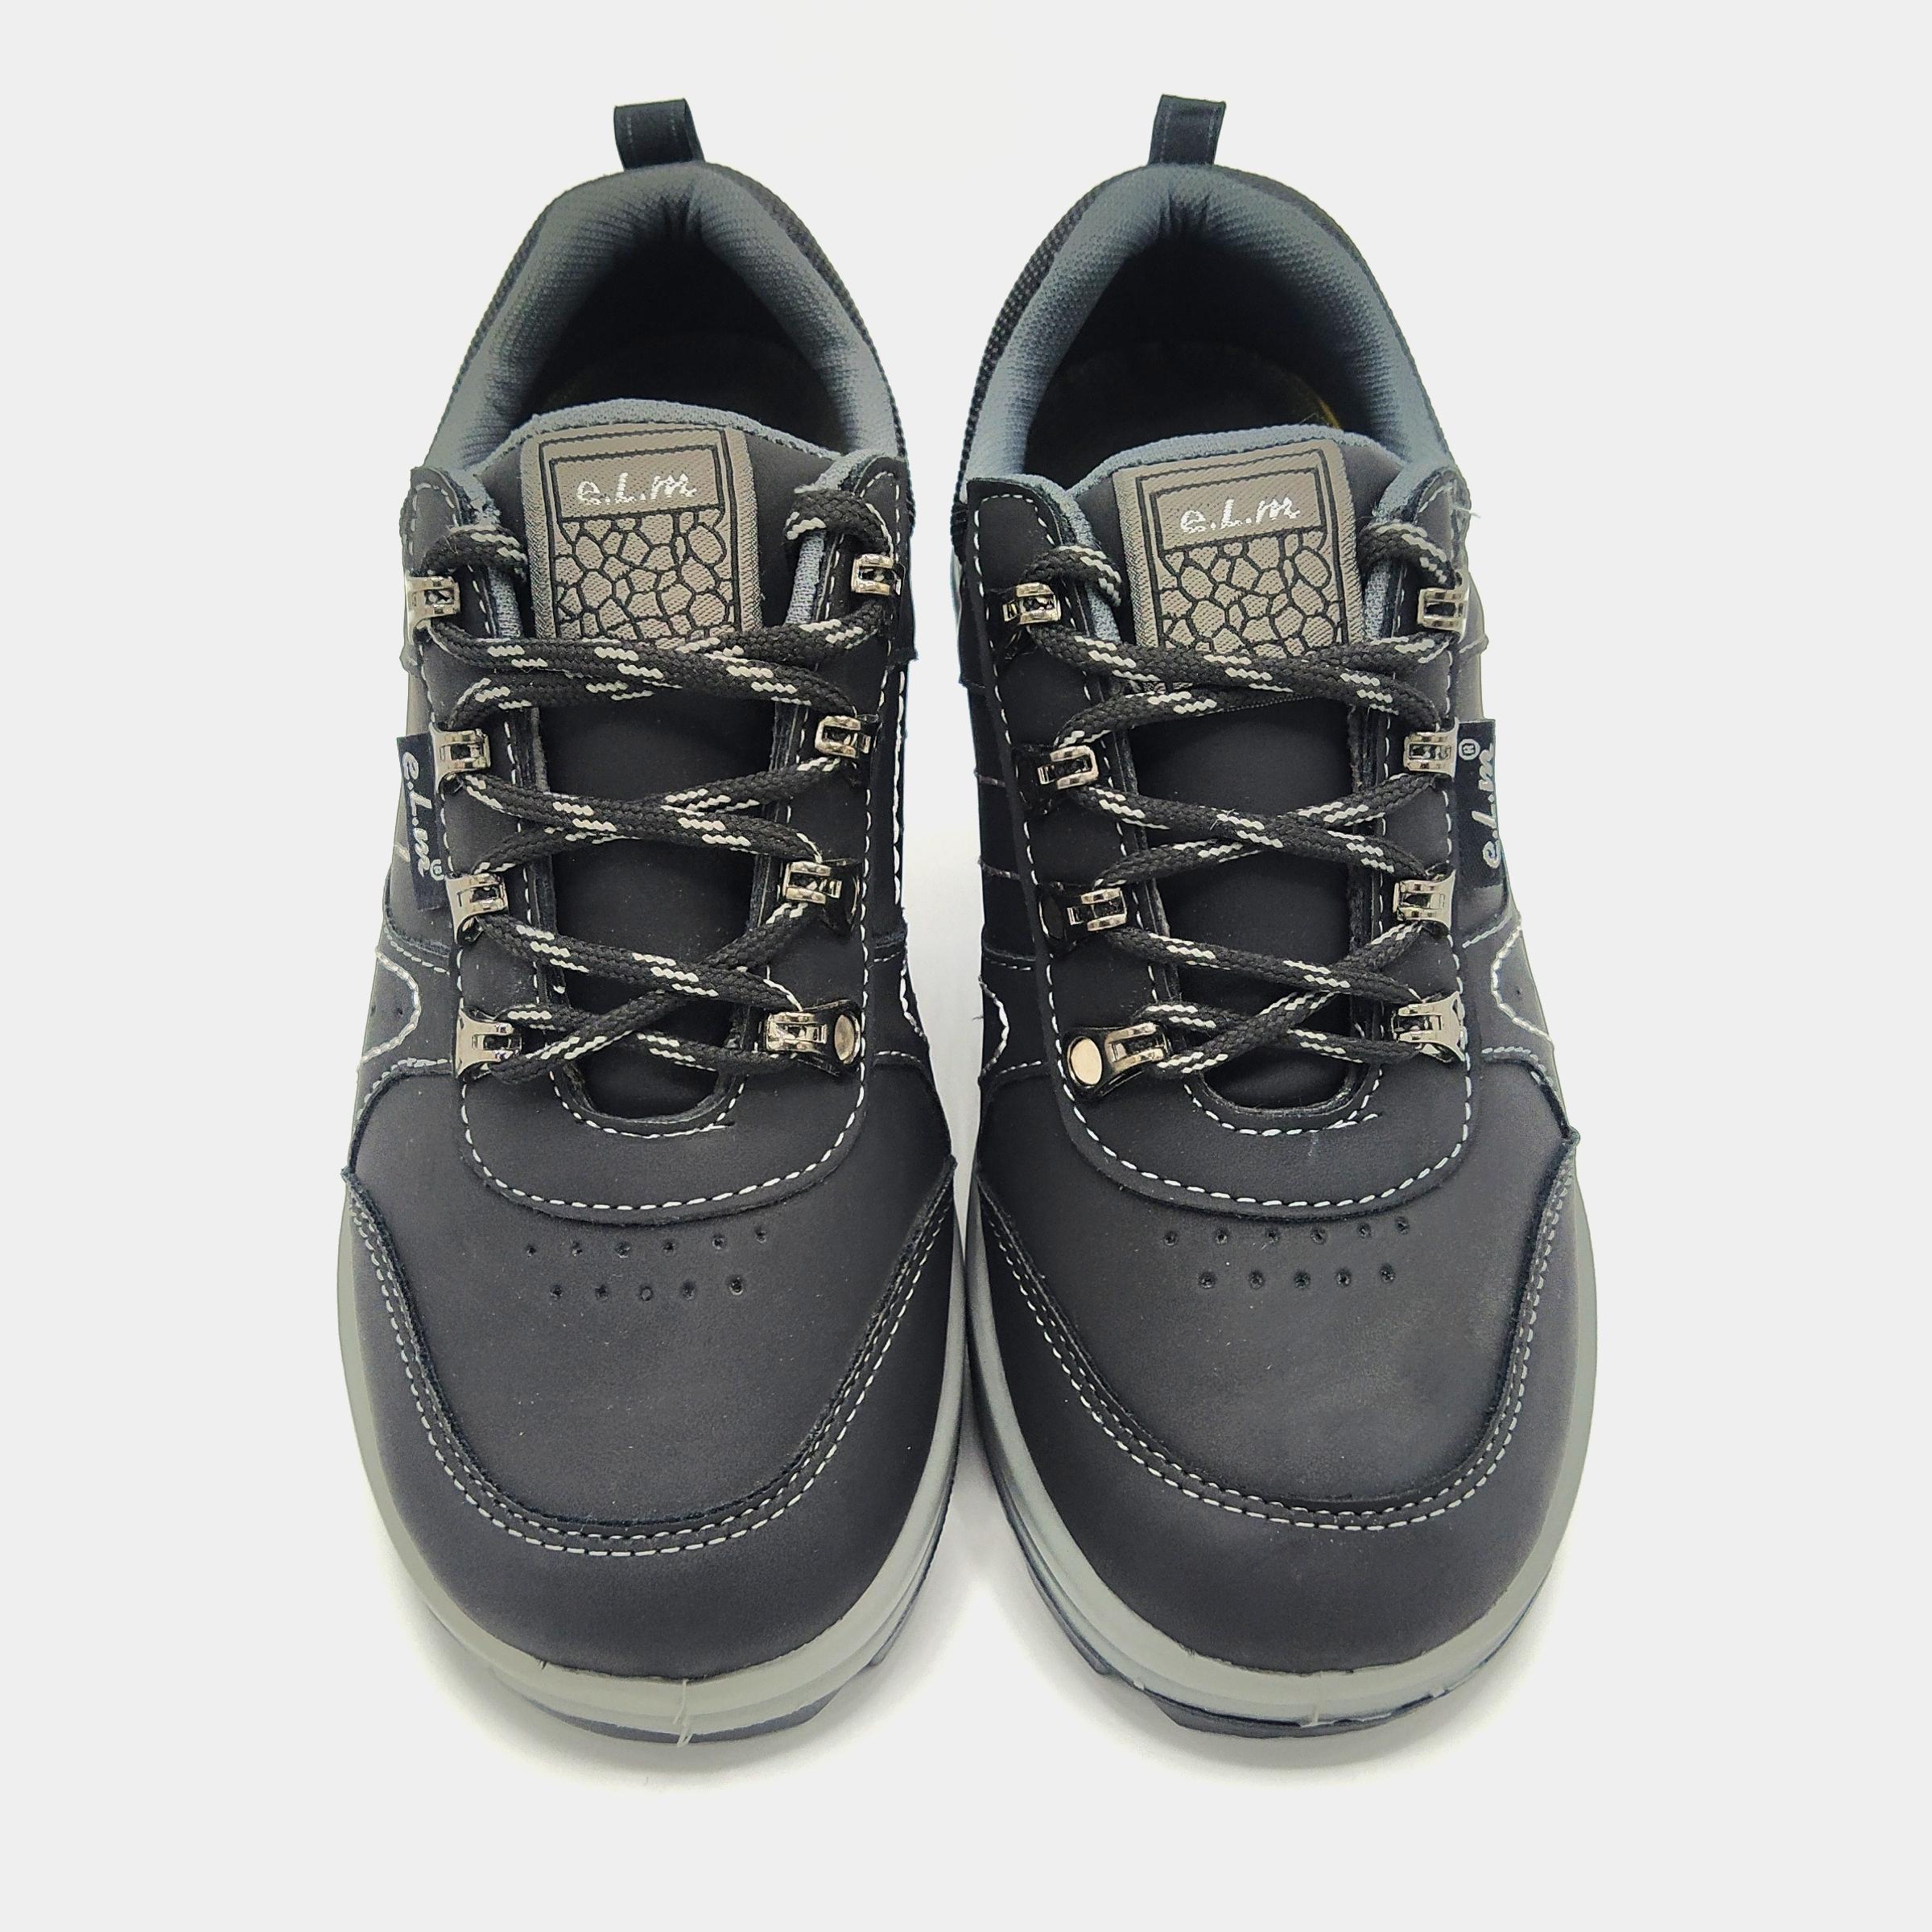 کفش پیاده روی ای ال ام مدل 1498